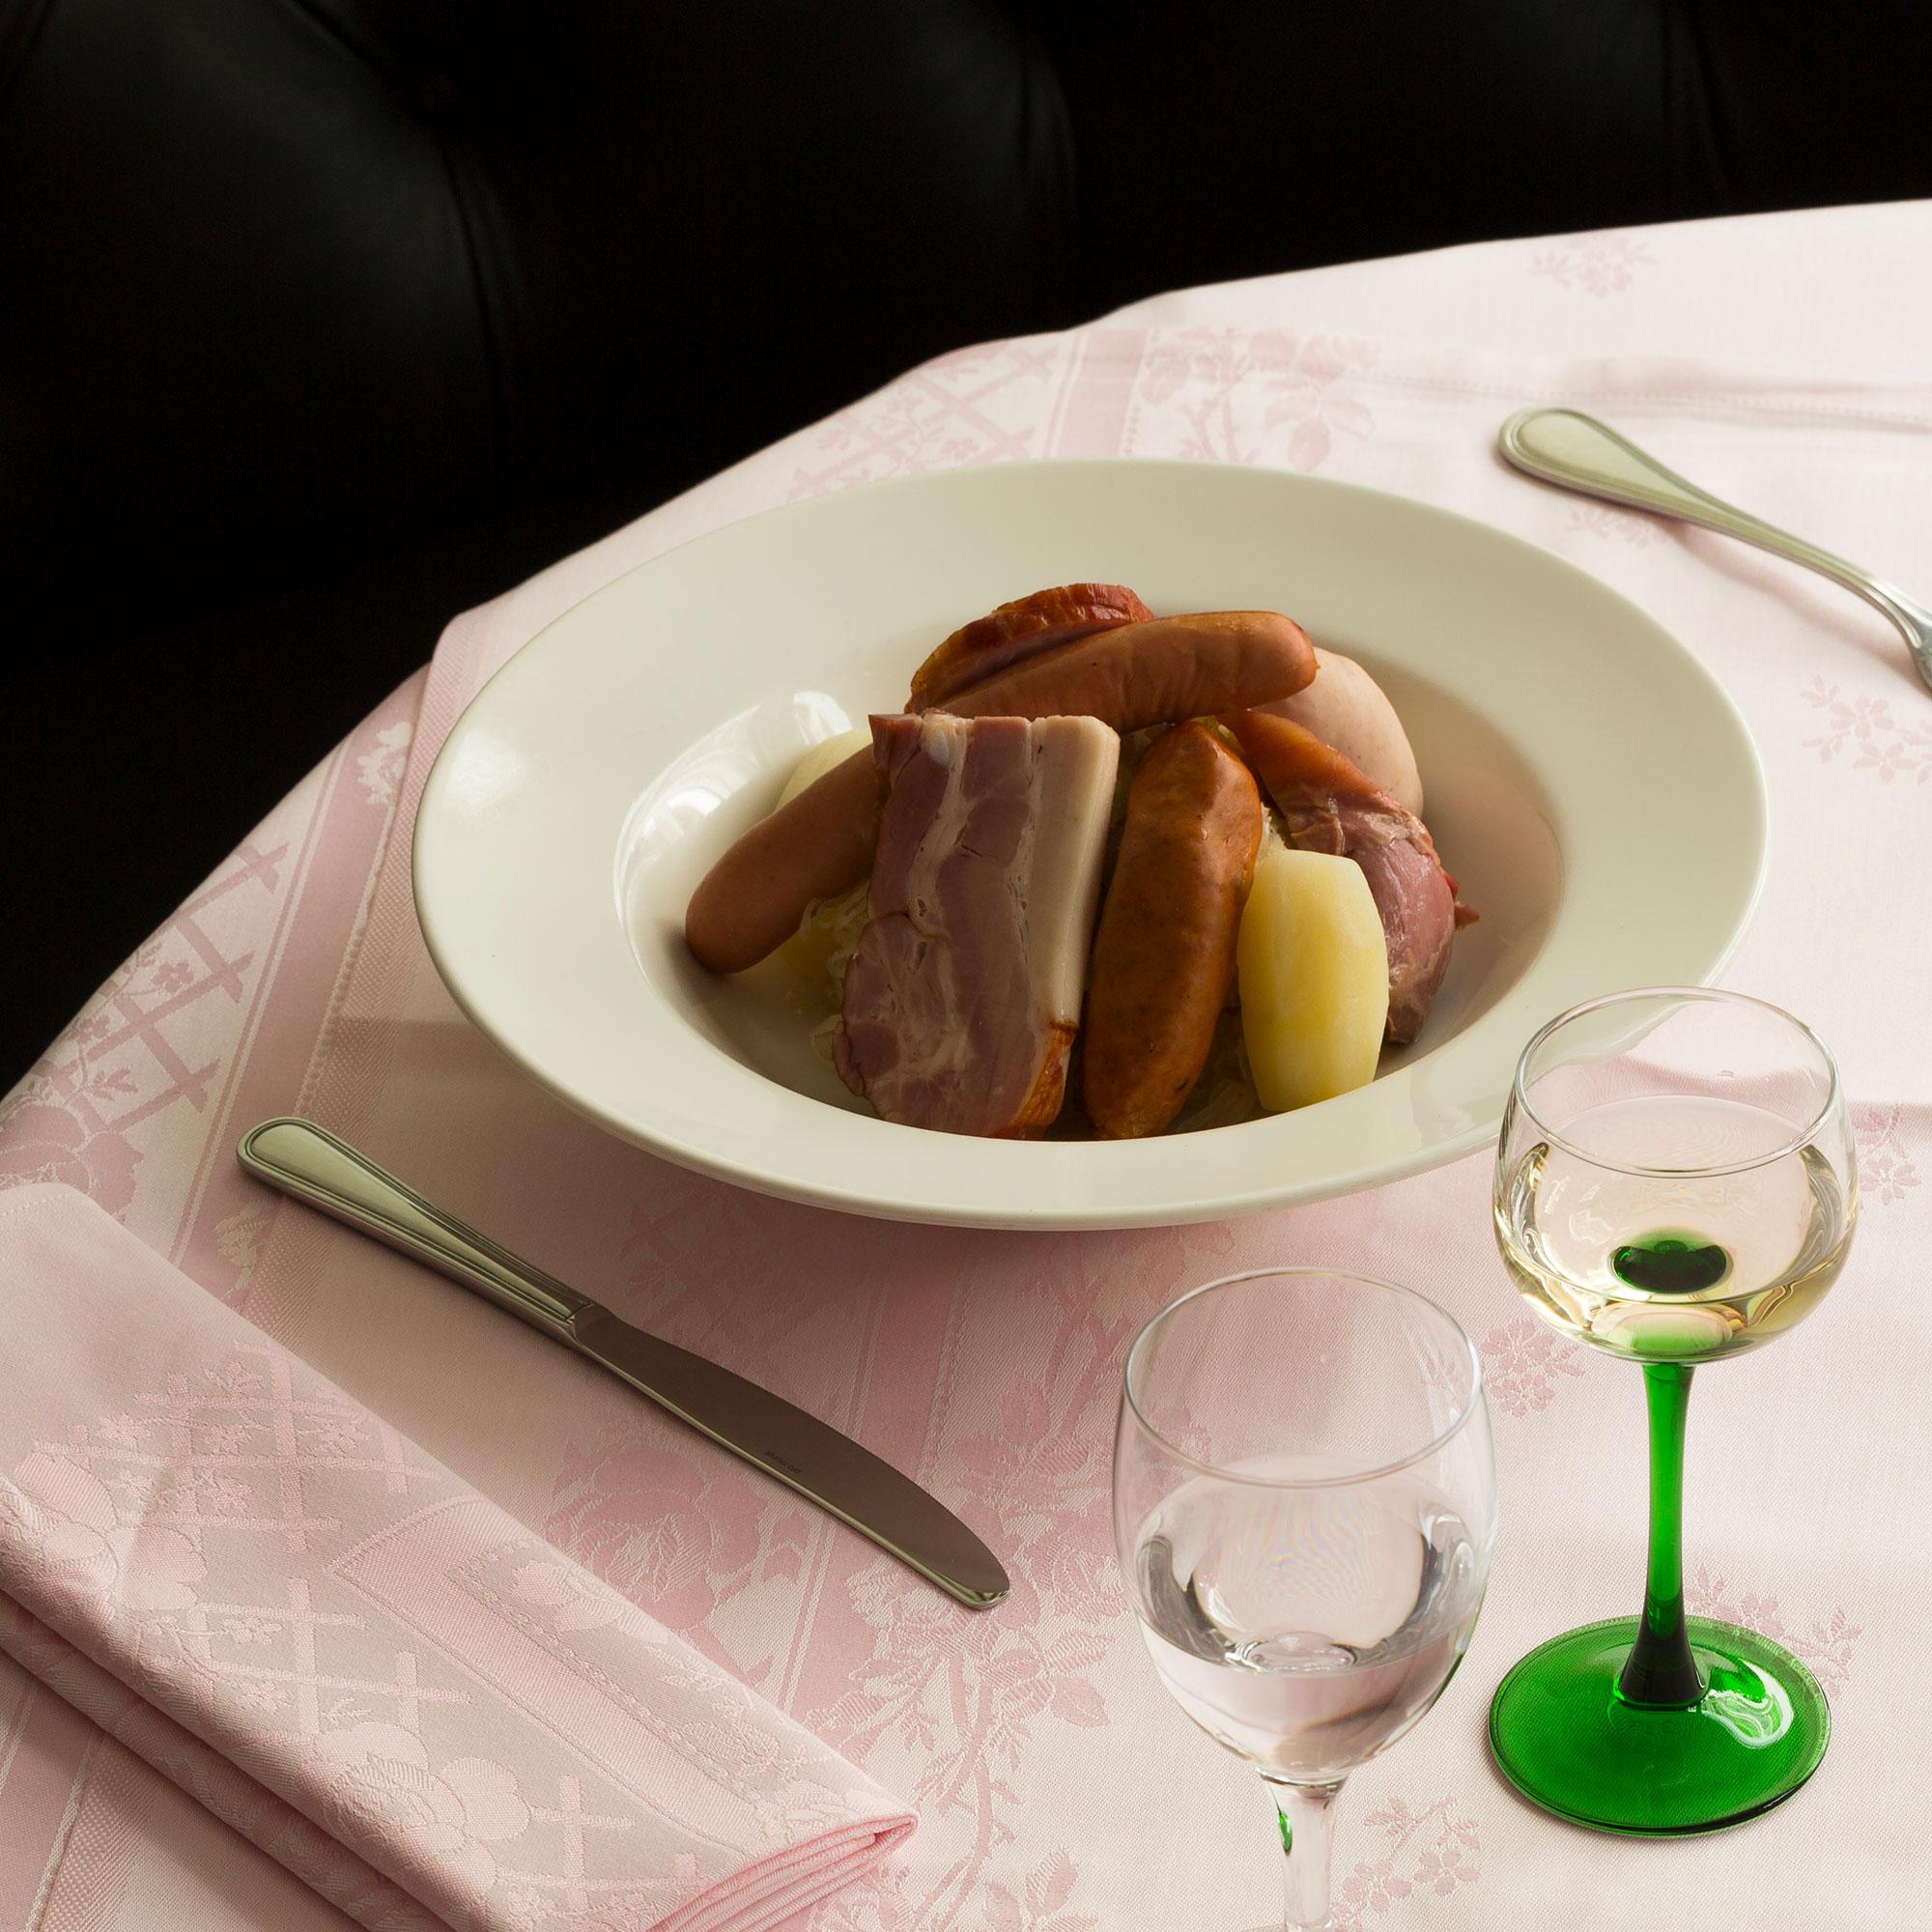 Déjeuner & diner - Pour le déjeuner et le dîner, nous proposons un menu à la carte comprenant une gamme de spécialités alsaciennes.